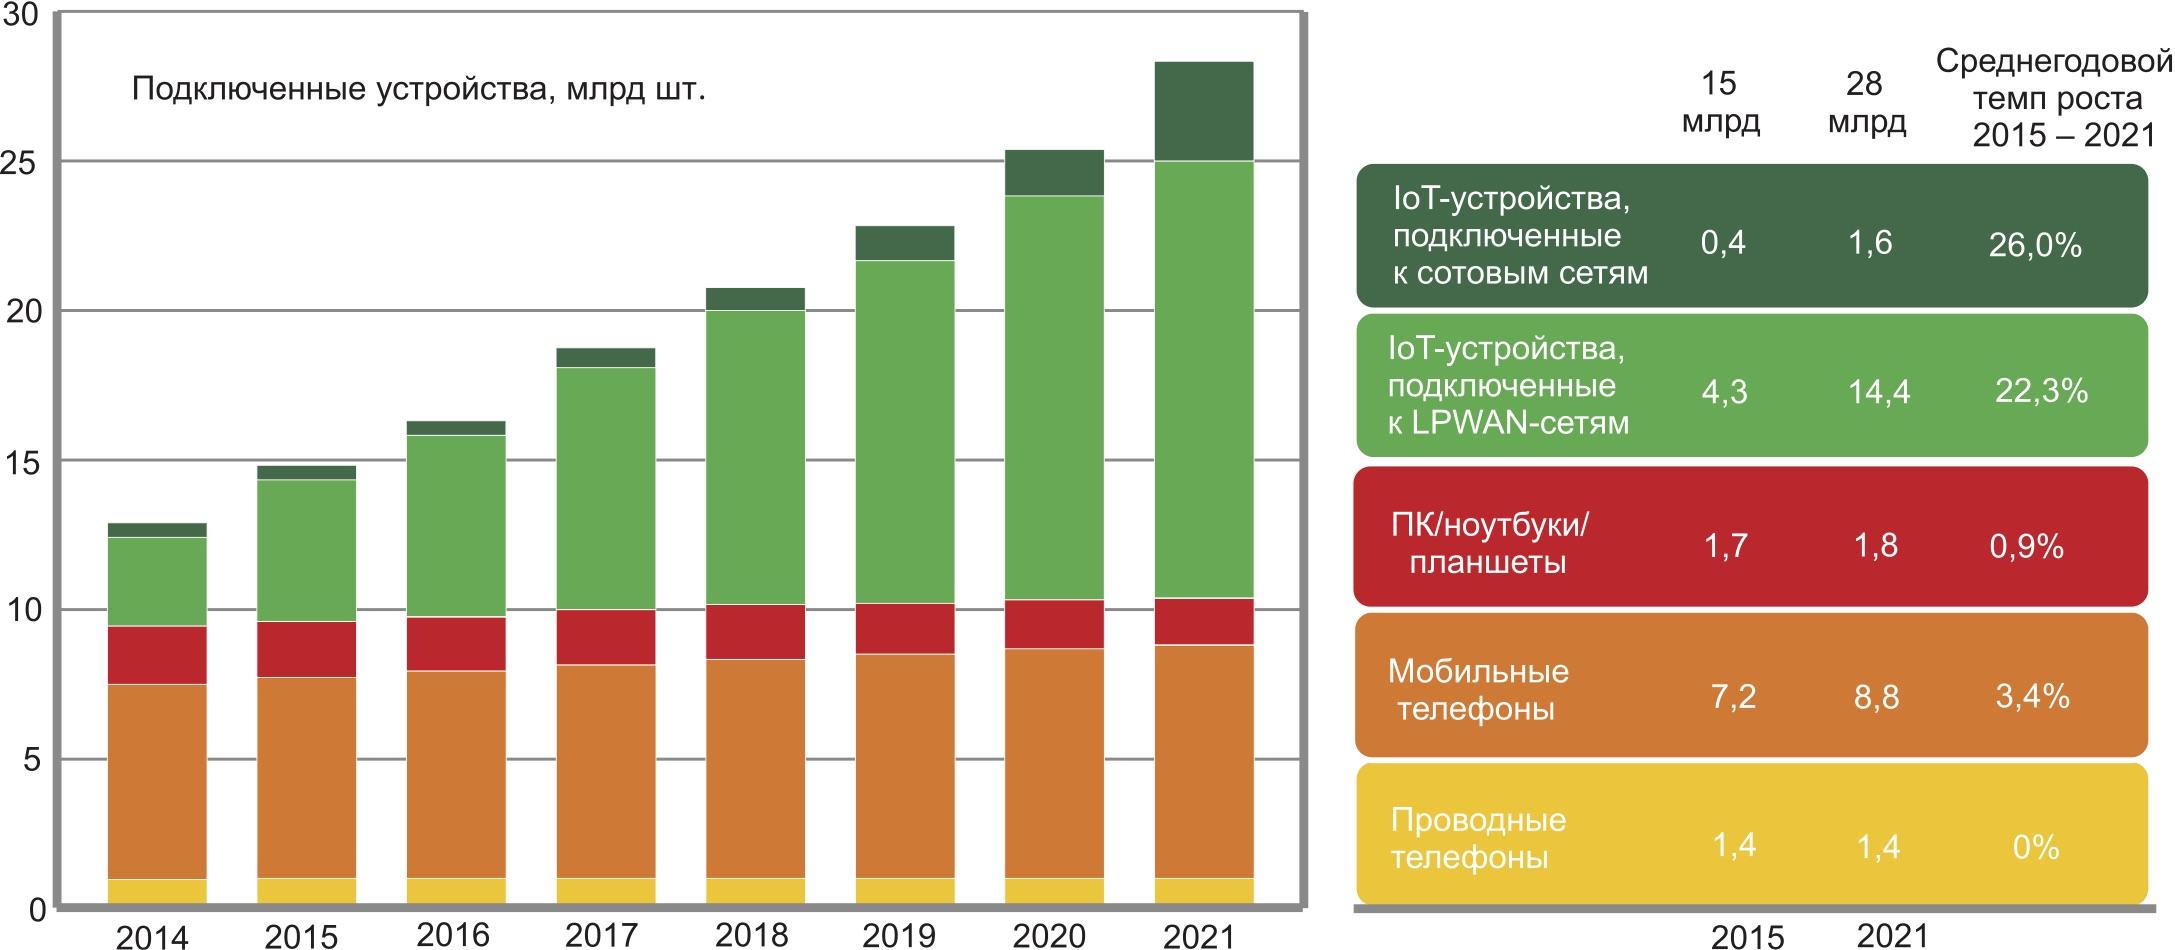 Прогноз увеличения числа подключенных к Интернету устройств